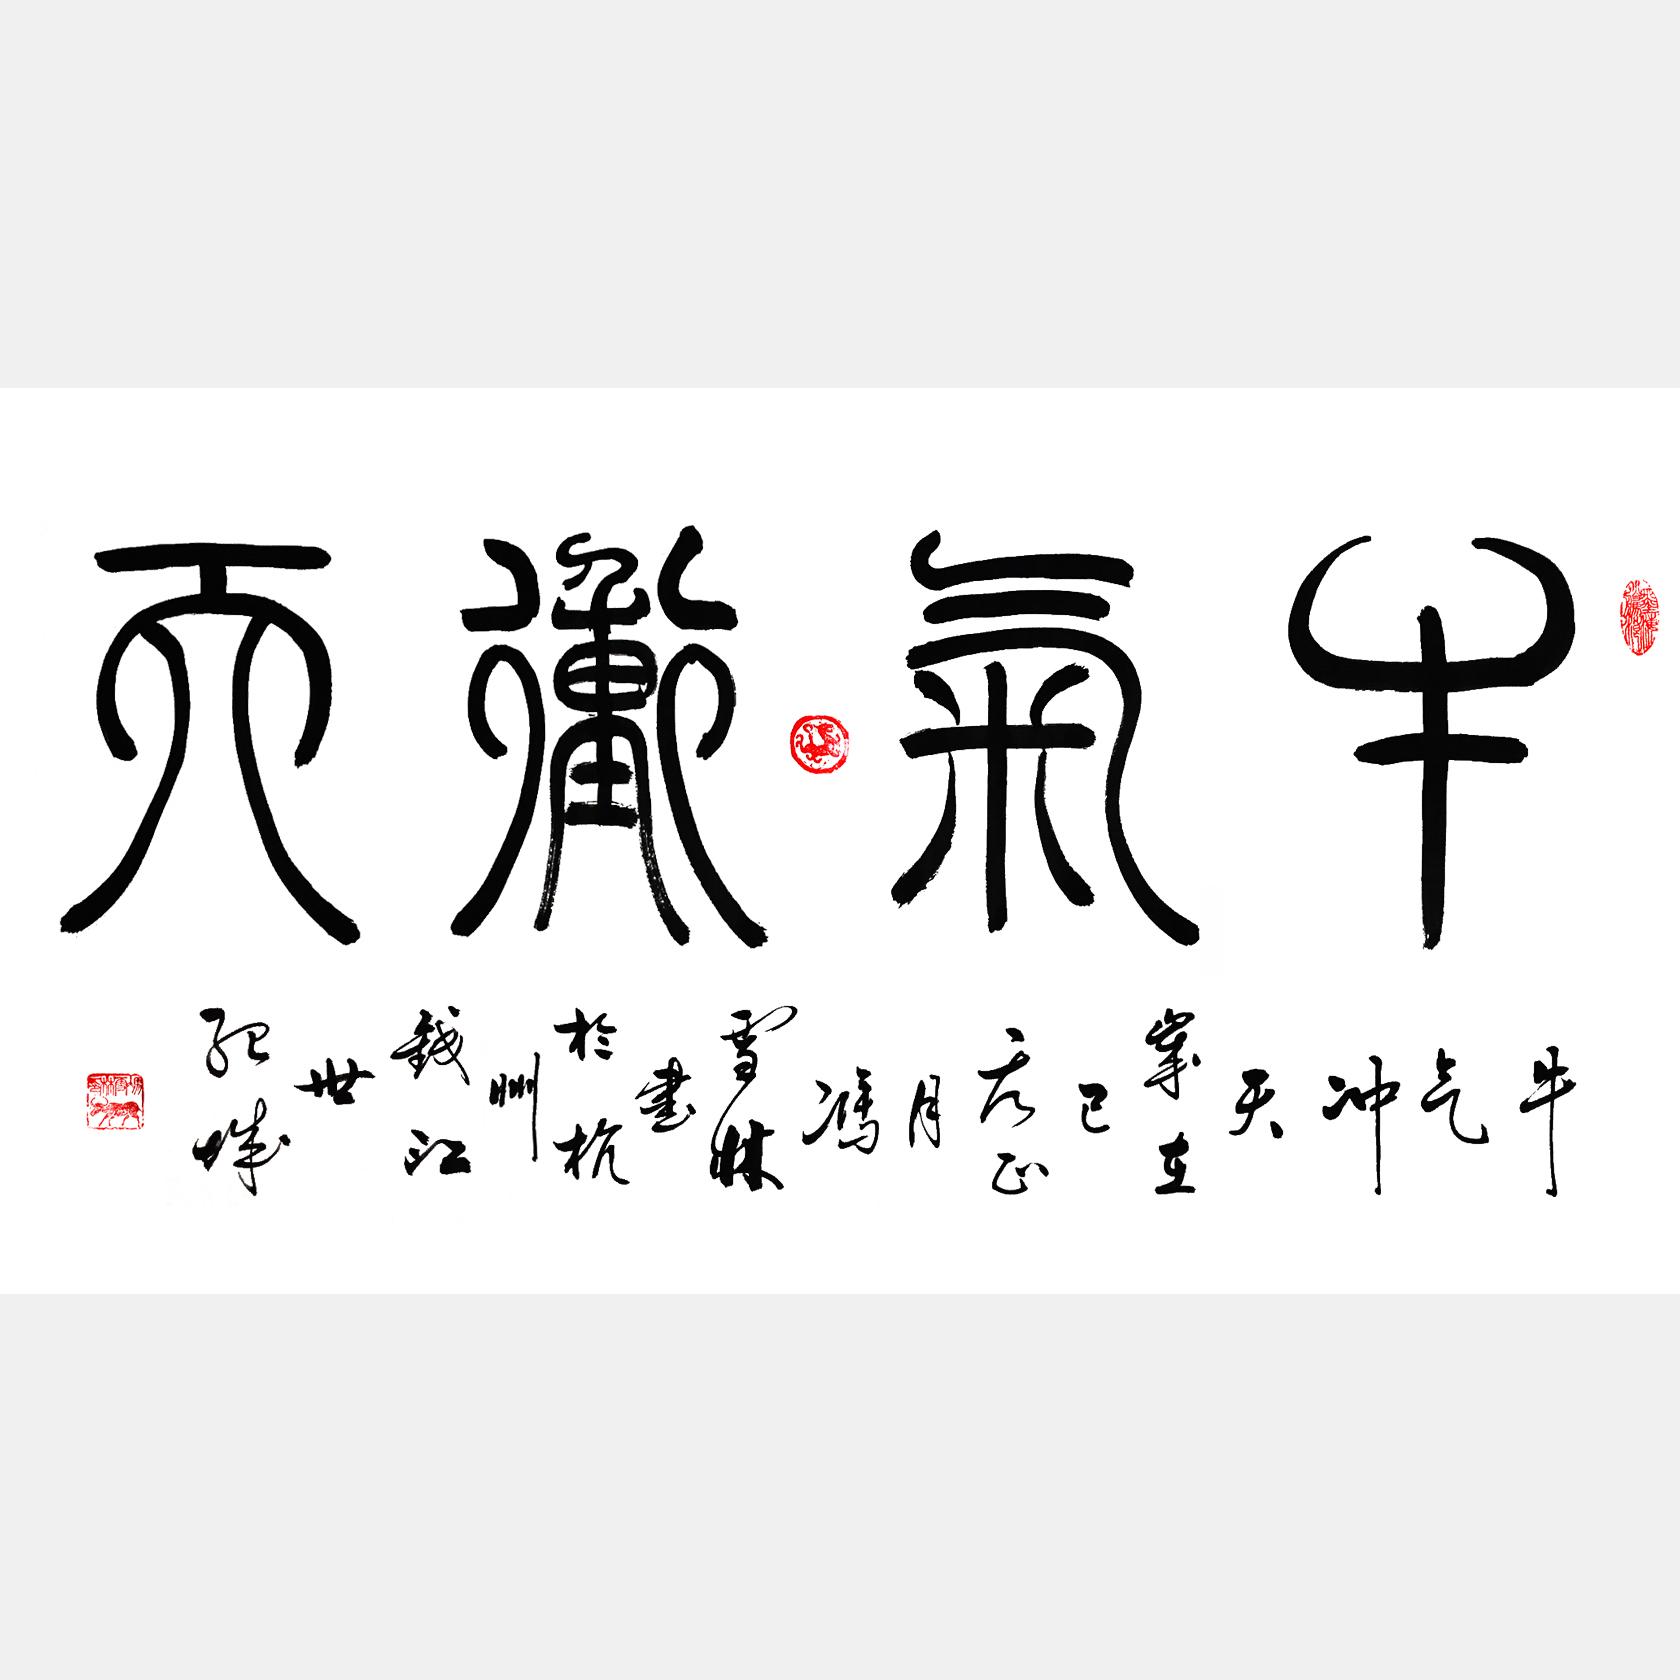 牛气冲天书法作品 名人书法字画 篆书书法